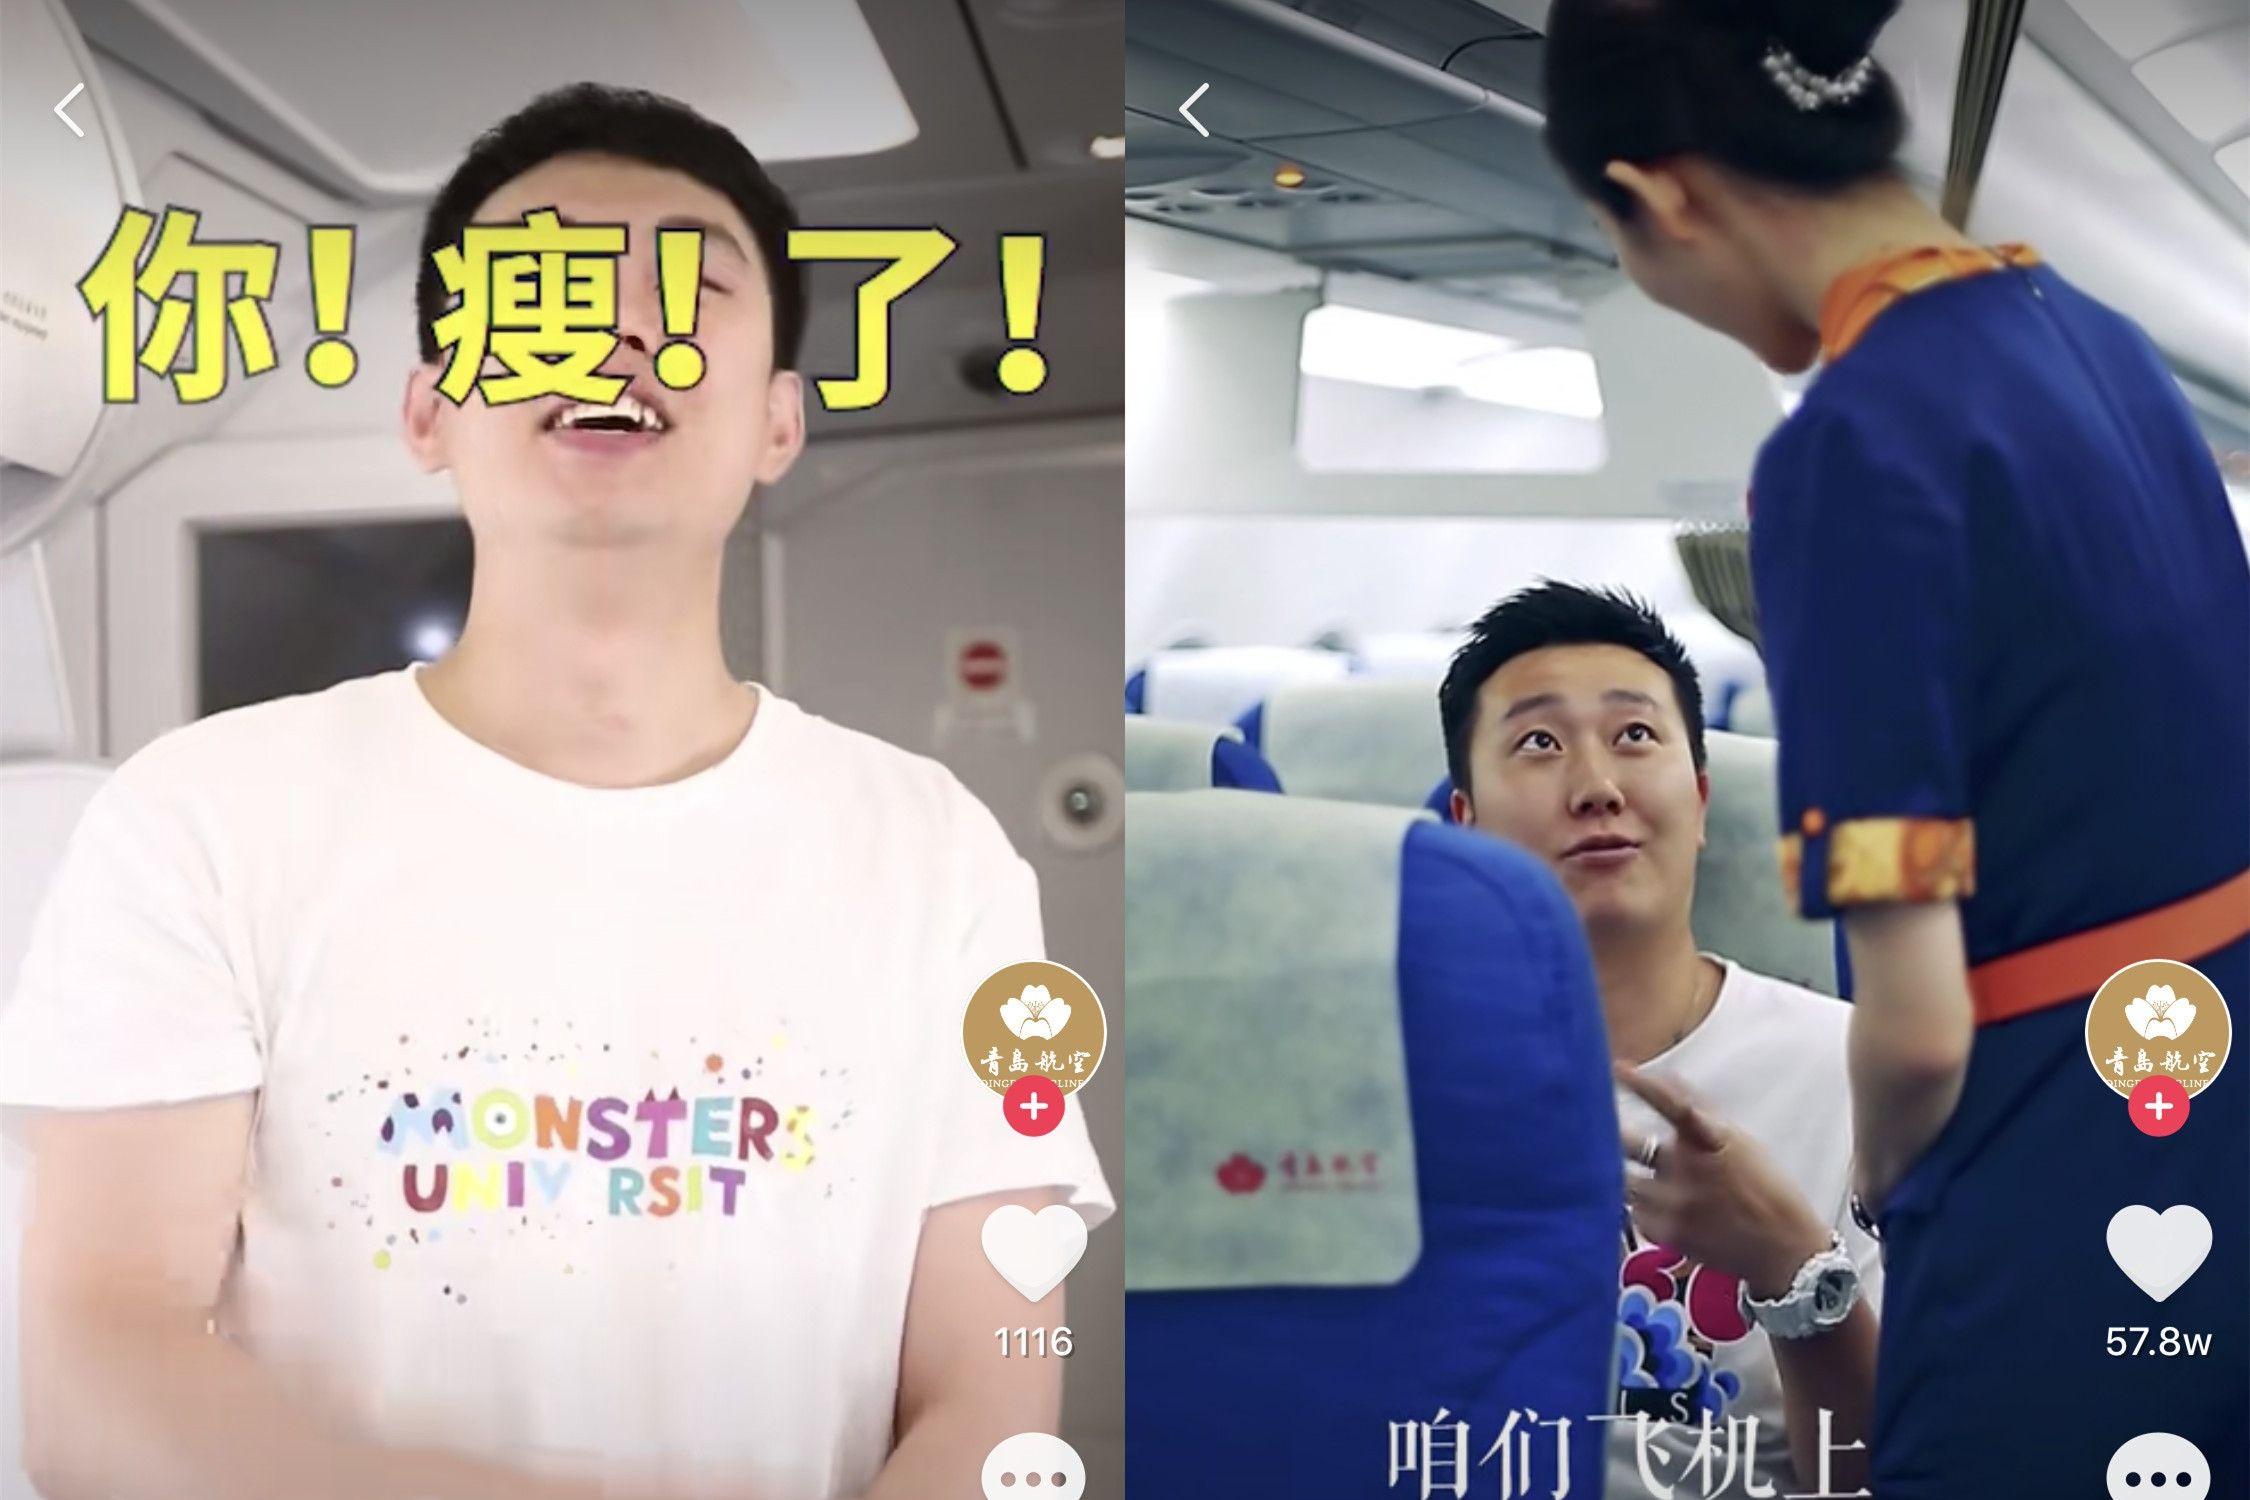 2019民航传播奖候选案例:青航《不要为难空姐》系列短视频